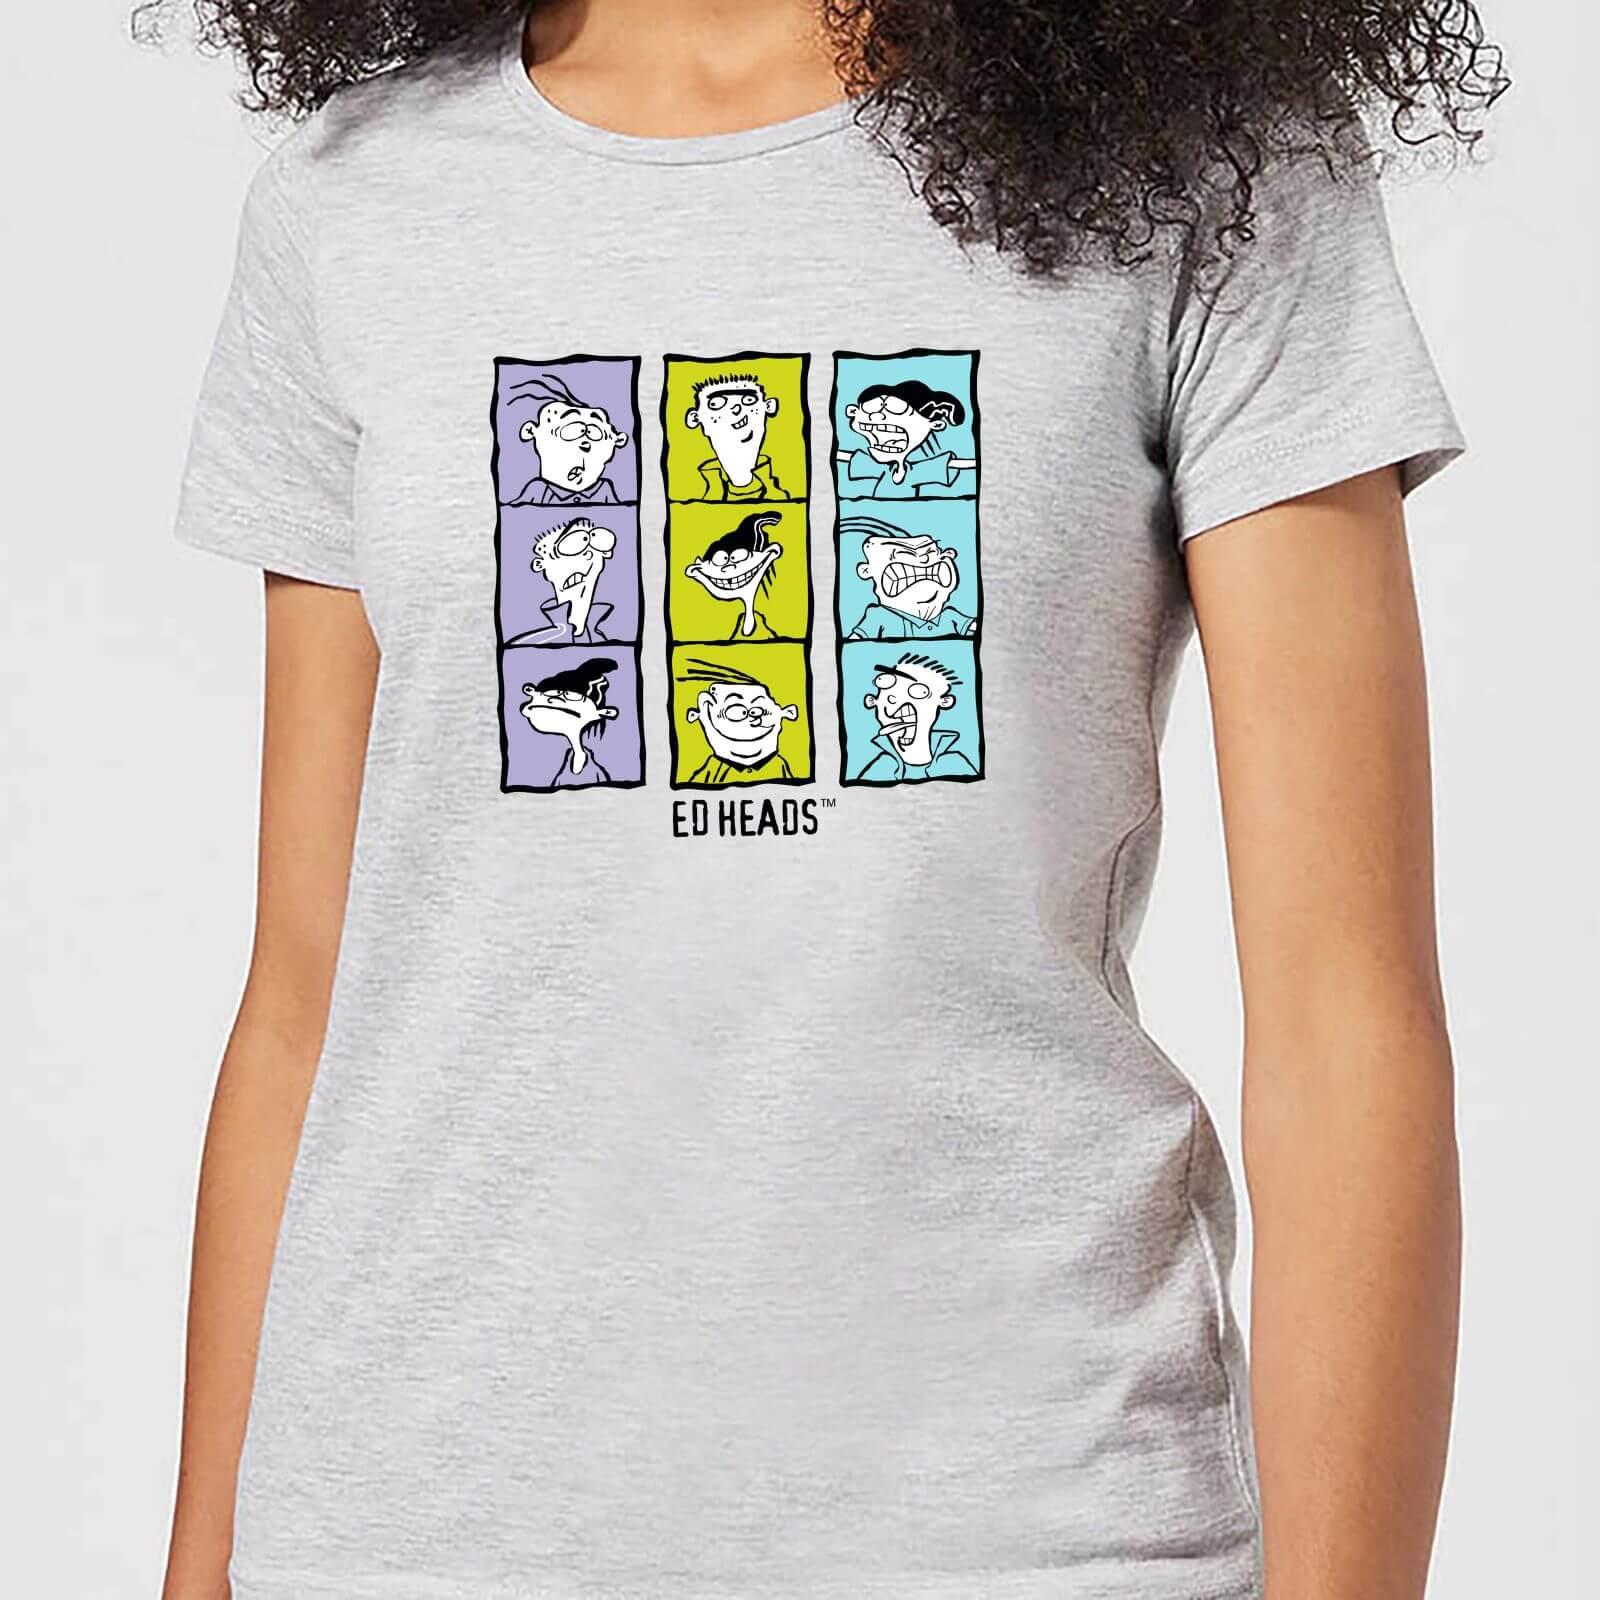 Cartoon Network Ed, Edd n Eddy Heads Women's T-Shirt - Grey - S - Grey